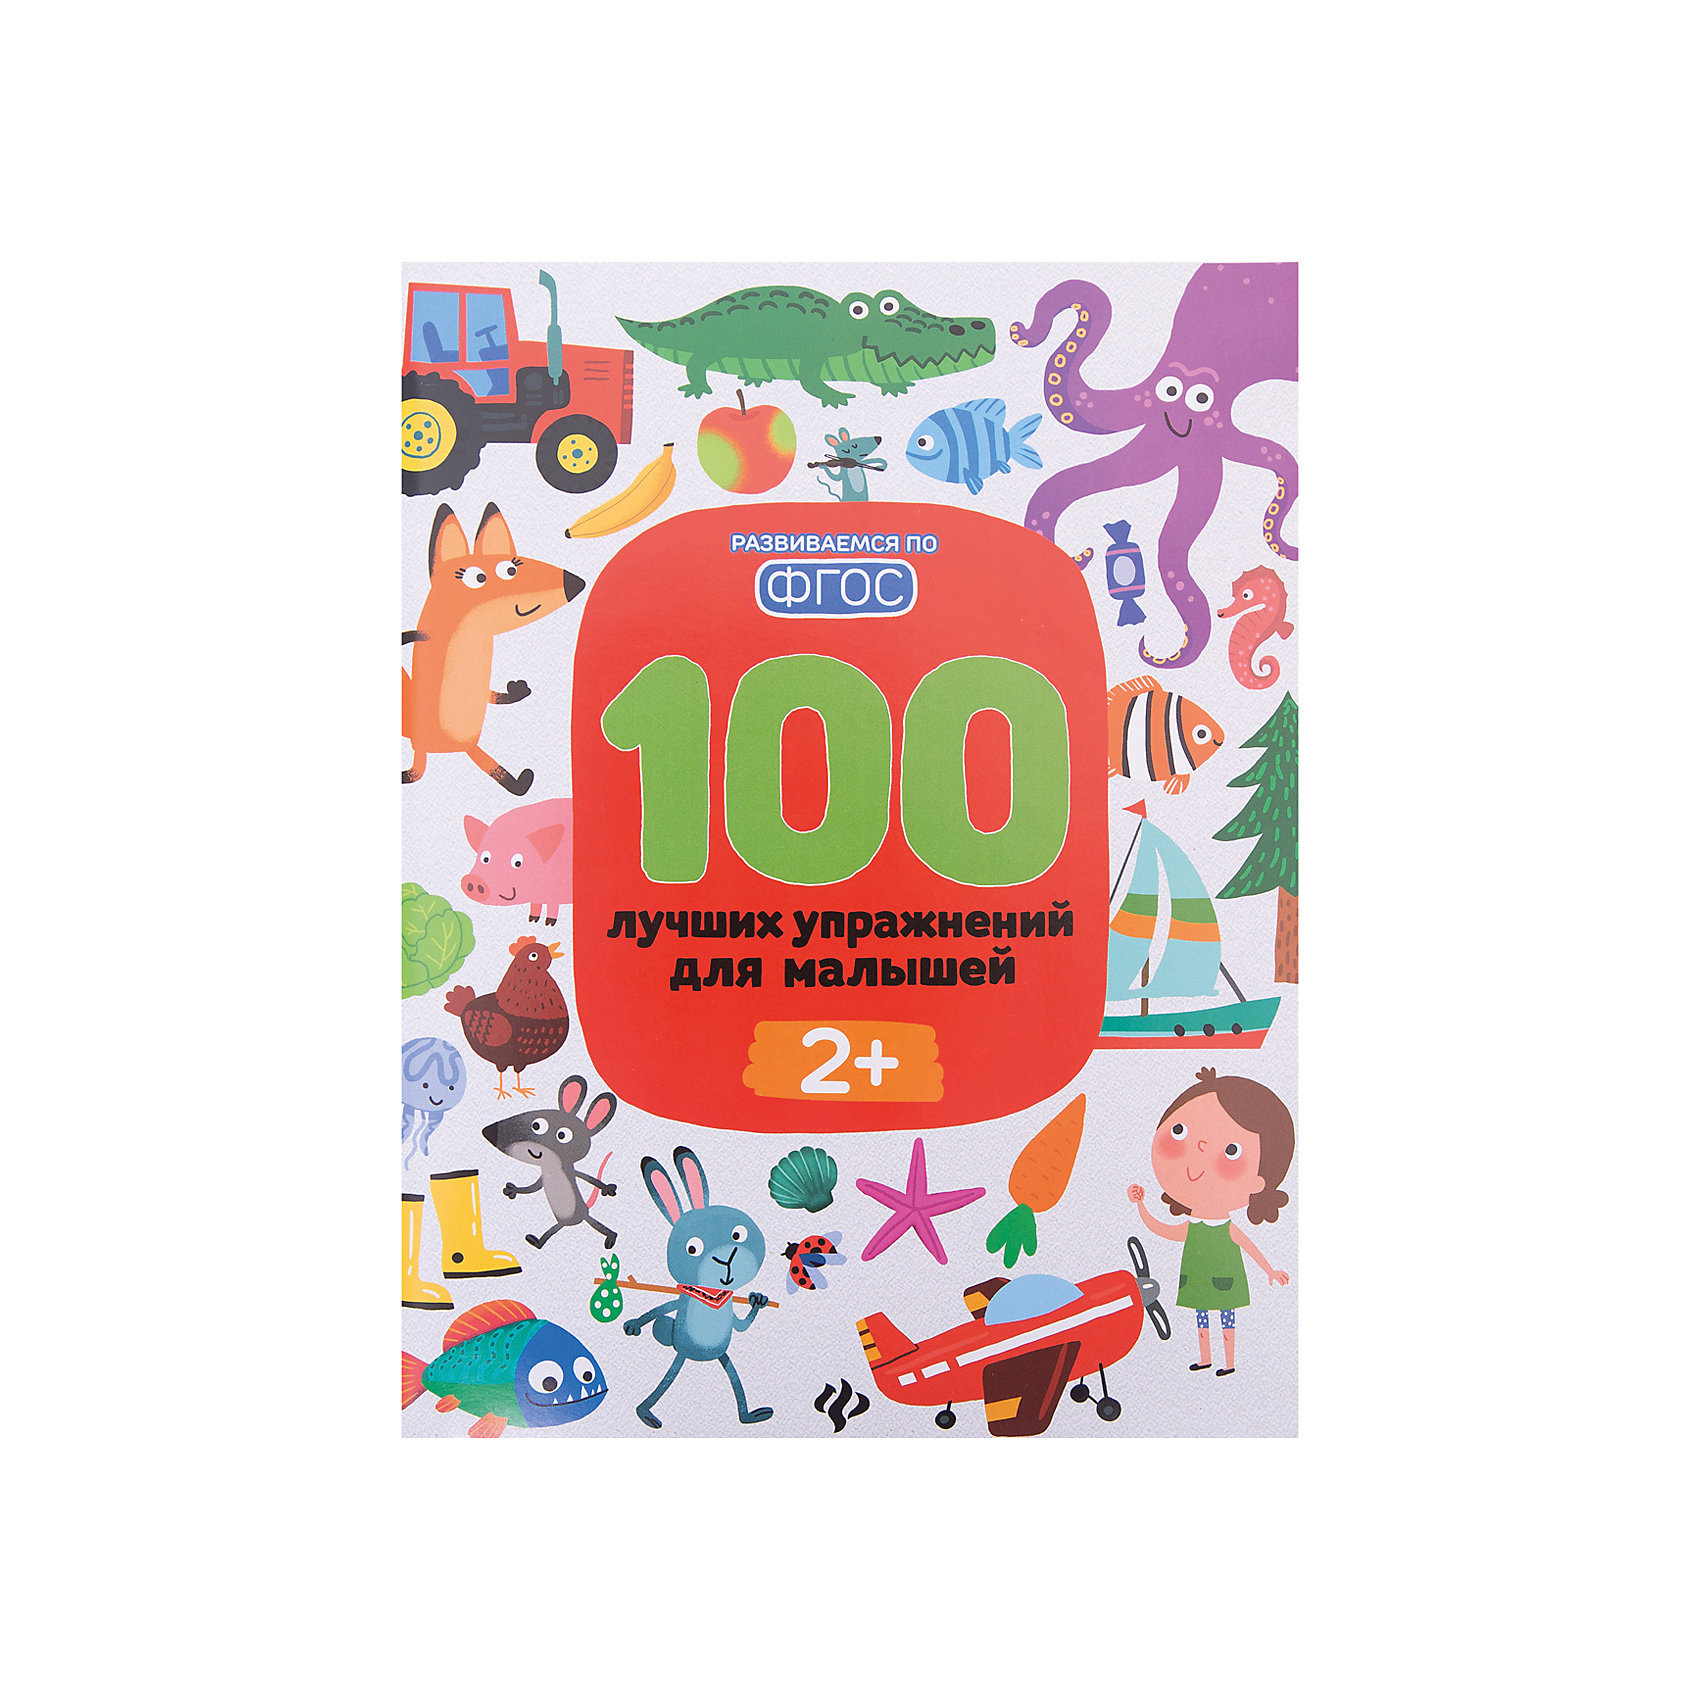 100 лучших упражнений для малышей, от 2х летКниги для развития речи<br>Характеристики товара: <br><br>• ISBN: 978-5-222-29032-3; <br>• возраст: от 2 лет;<br>• формат: 84*108/16; <br>• бумага: офсет; <br>• иллюстрации: цветные, черно-белые; <br>• издательство: Феникс; <br>• количество страниц: 64; <br>• автор: Тимофеева Софья Анатольевна, Шевченко Анастасия, Терентьева Ирина;<br>• художник: Шаховал Кира;<br>• редактор: Соснина Н.;<br>• серия: Развиваемся по ФГОС;<br>• размер: 26х20х0,4 см;<br>• вес: 155 грамм.<br><br>В издании «100 лучших упражнений для малышей» собраны разнообразные упражнения для детей от двух лет: провести линию, раскрасить рисунок, дополнить картинку и многие другие. Задания разделены на десять тематических разделов. Ребенок закрепит знания о противоположных словах, цветах, формах и разовьет внимательность, мелкую моторику, координацию движений рук. Чтобы ребенку было интересно заниматься, задания дополнены яркими иллюстрациями.<br><br>Книгу «100 лучших упражнений для малышей», Феникс можно купить в нашем интернет-магазине.<br><br>Ширина мм: 260<br>Глубина мм: 202<br>Высота мм: 40<br>Вес г: 155<br>Возраст от месяцев: -2147483648<br>Возраст до месяцев: 2147483647<br>Пол: Унисекс<br>Возраст: Детский<br>SKU: 5464475